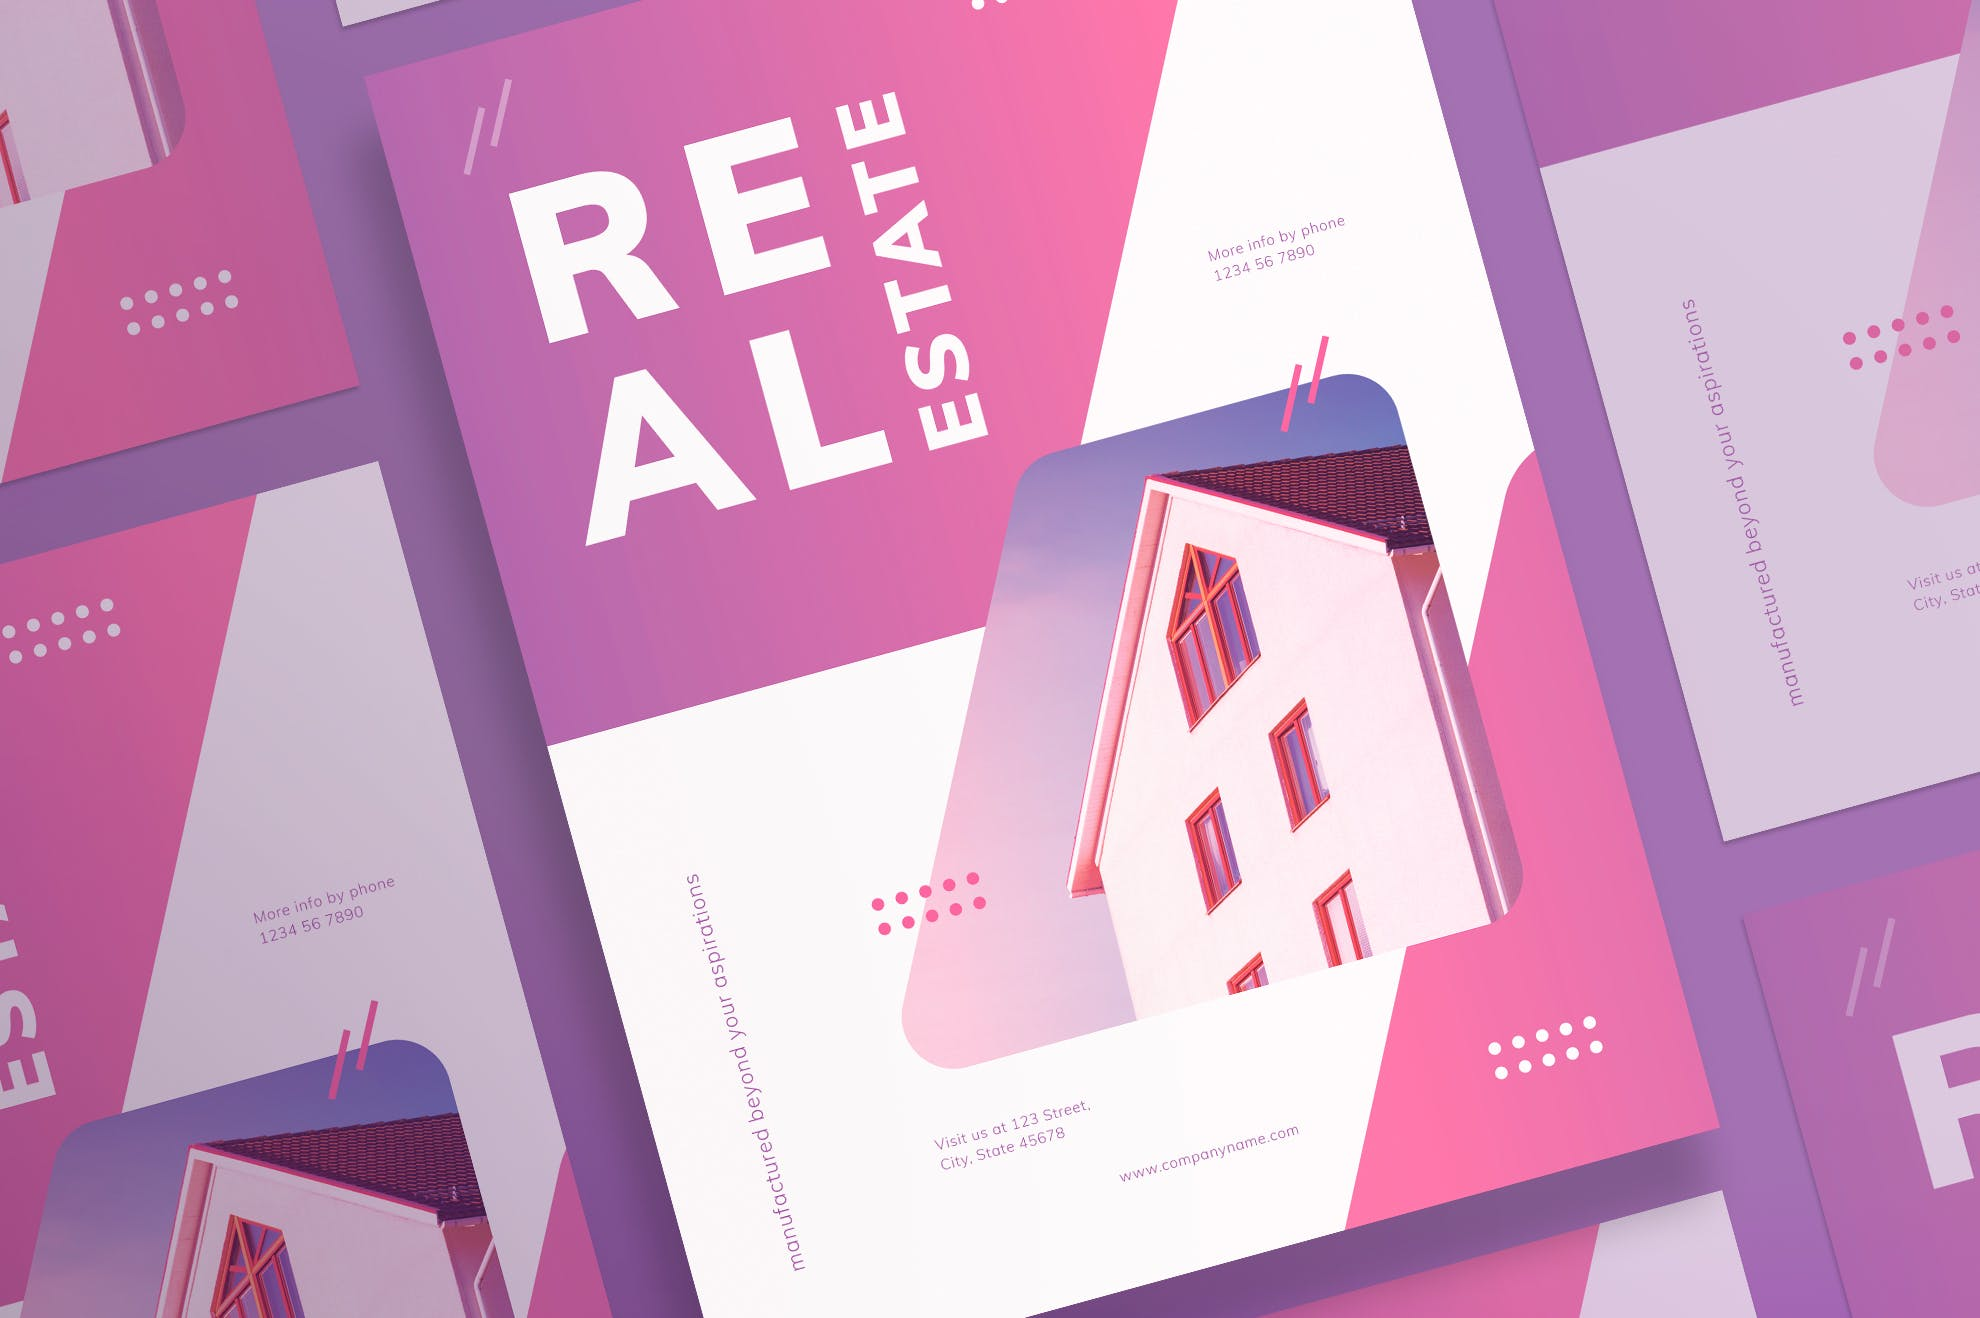 房地产代理传单和海报模板Real Estate Agency Flyer and Poster Template